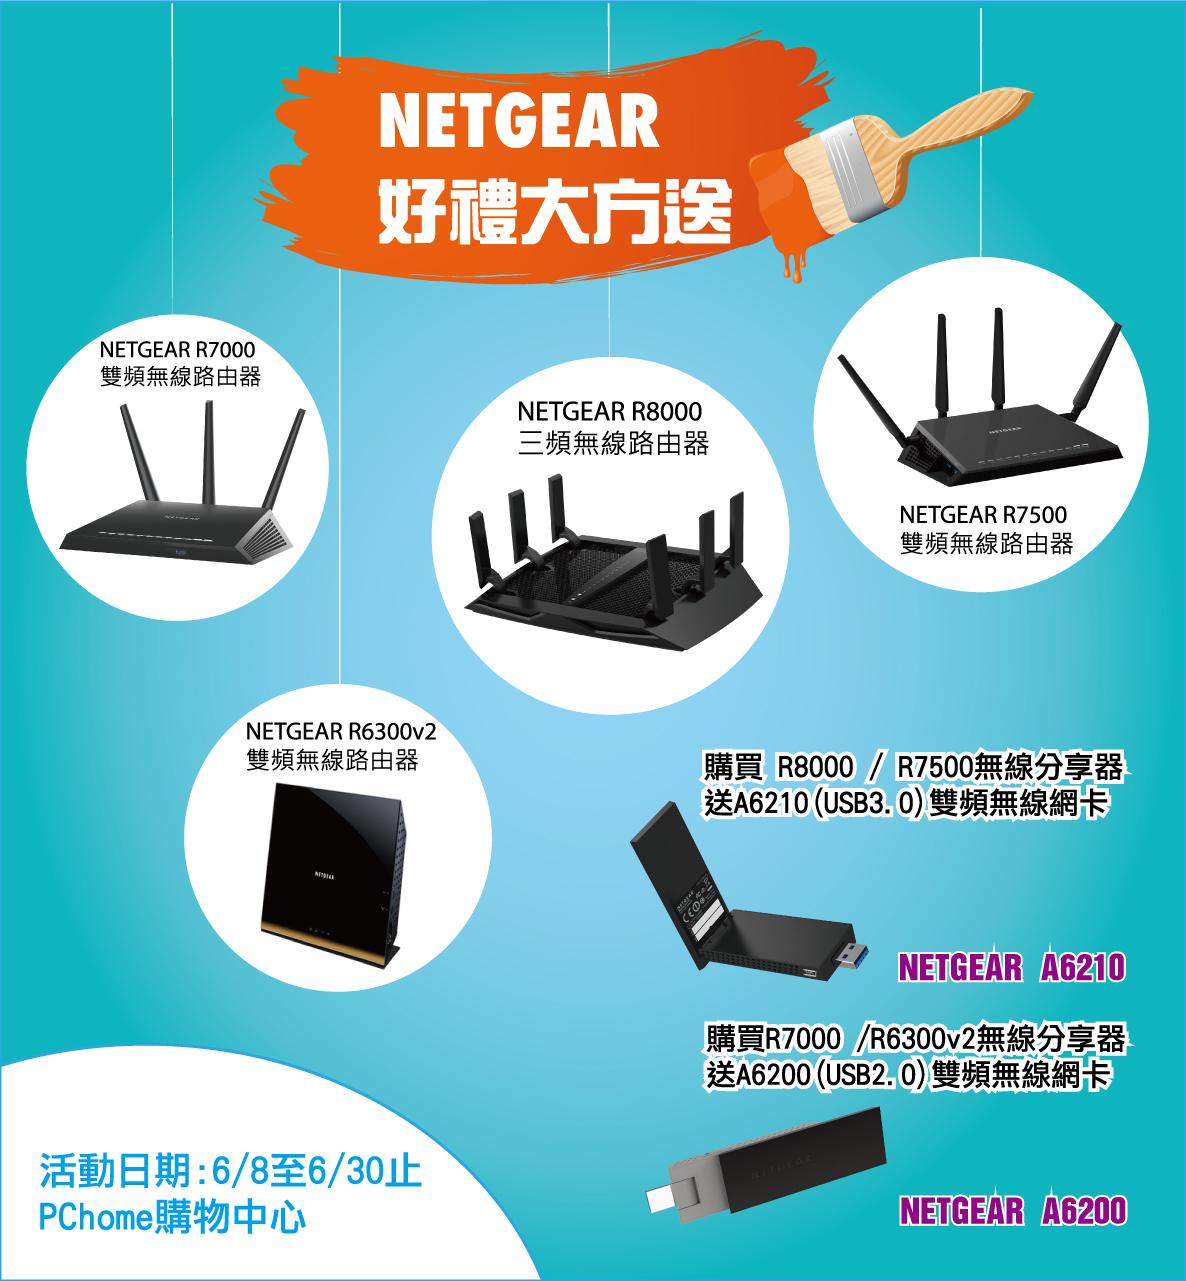 NETGEAR好禮大方送 購買指定無線路由器 享受獨家超值好禮